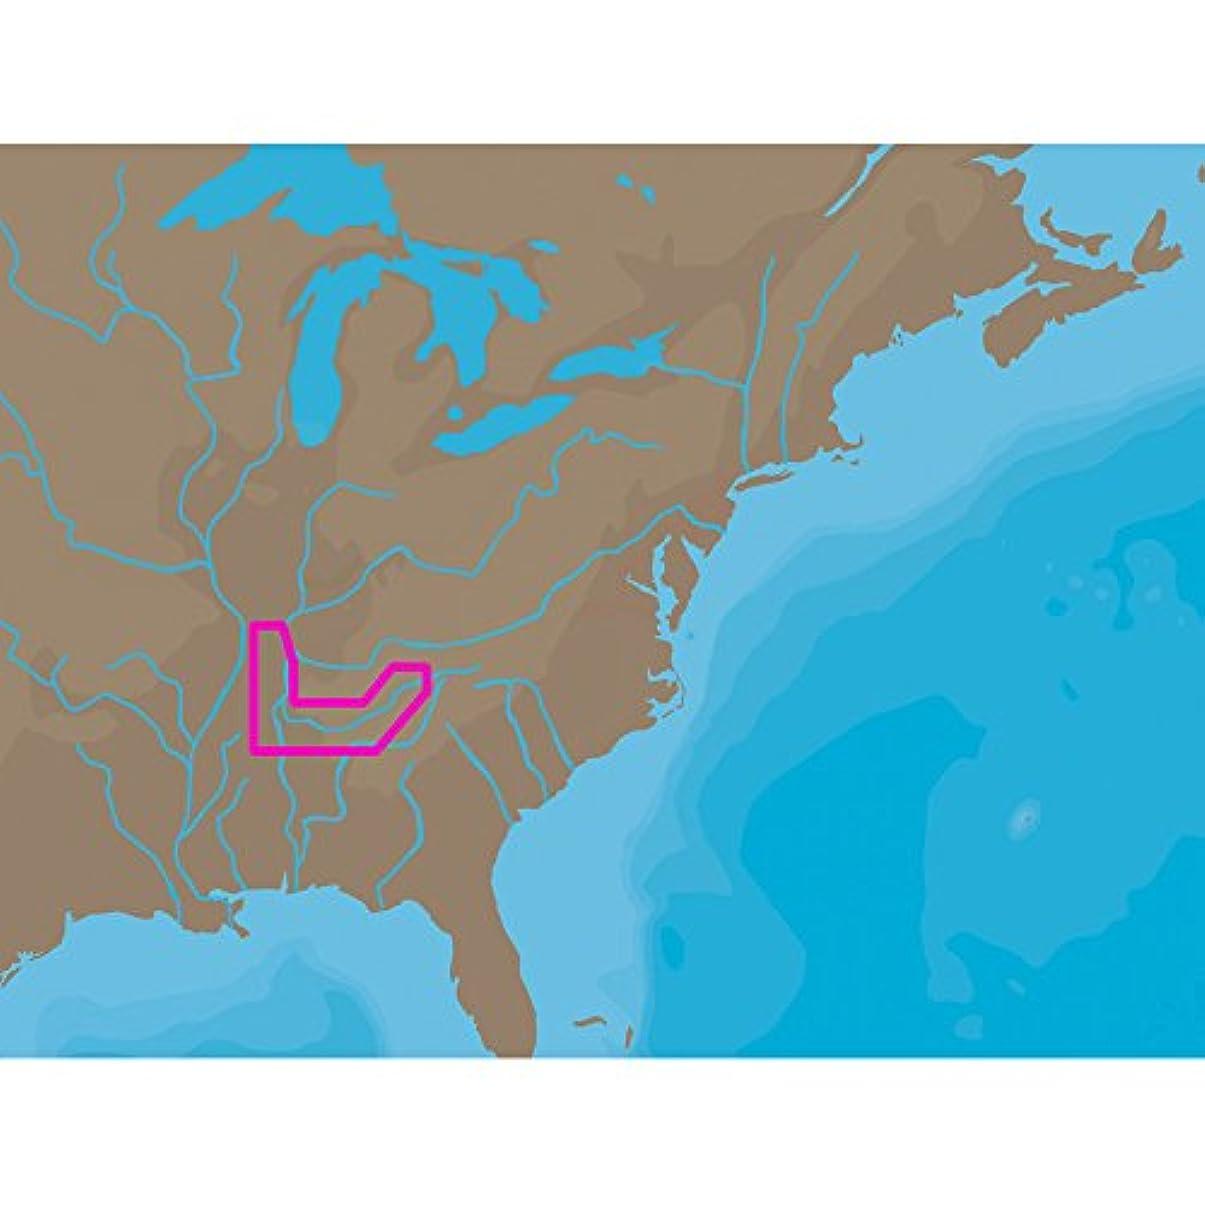 ジャーナリスト汚れた慈善C-MAP NT+ NA-C041 - TN River Paducah-Knoxville - C-Card